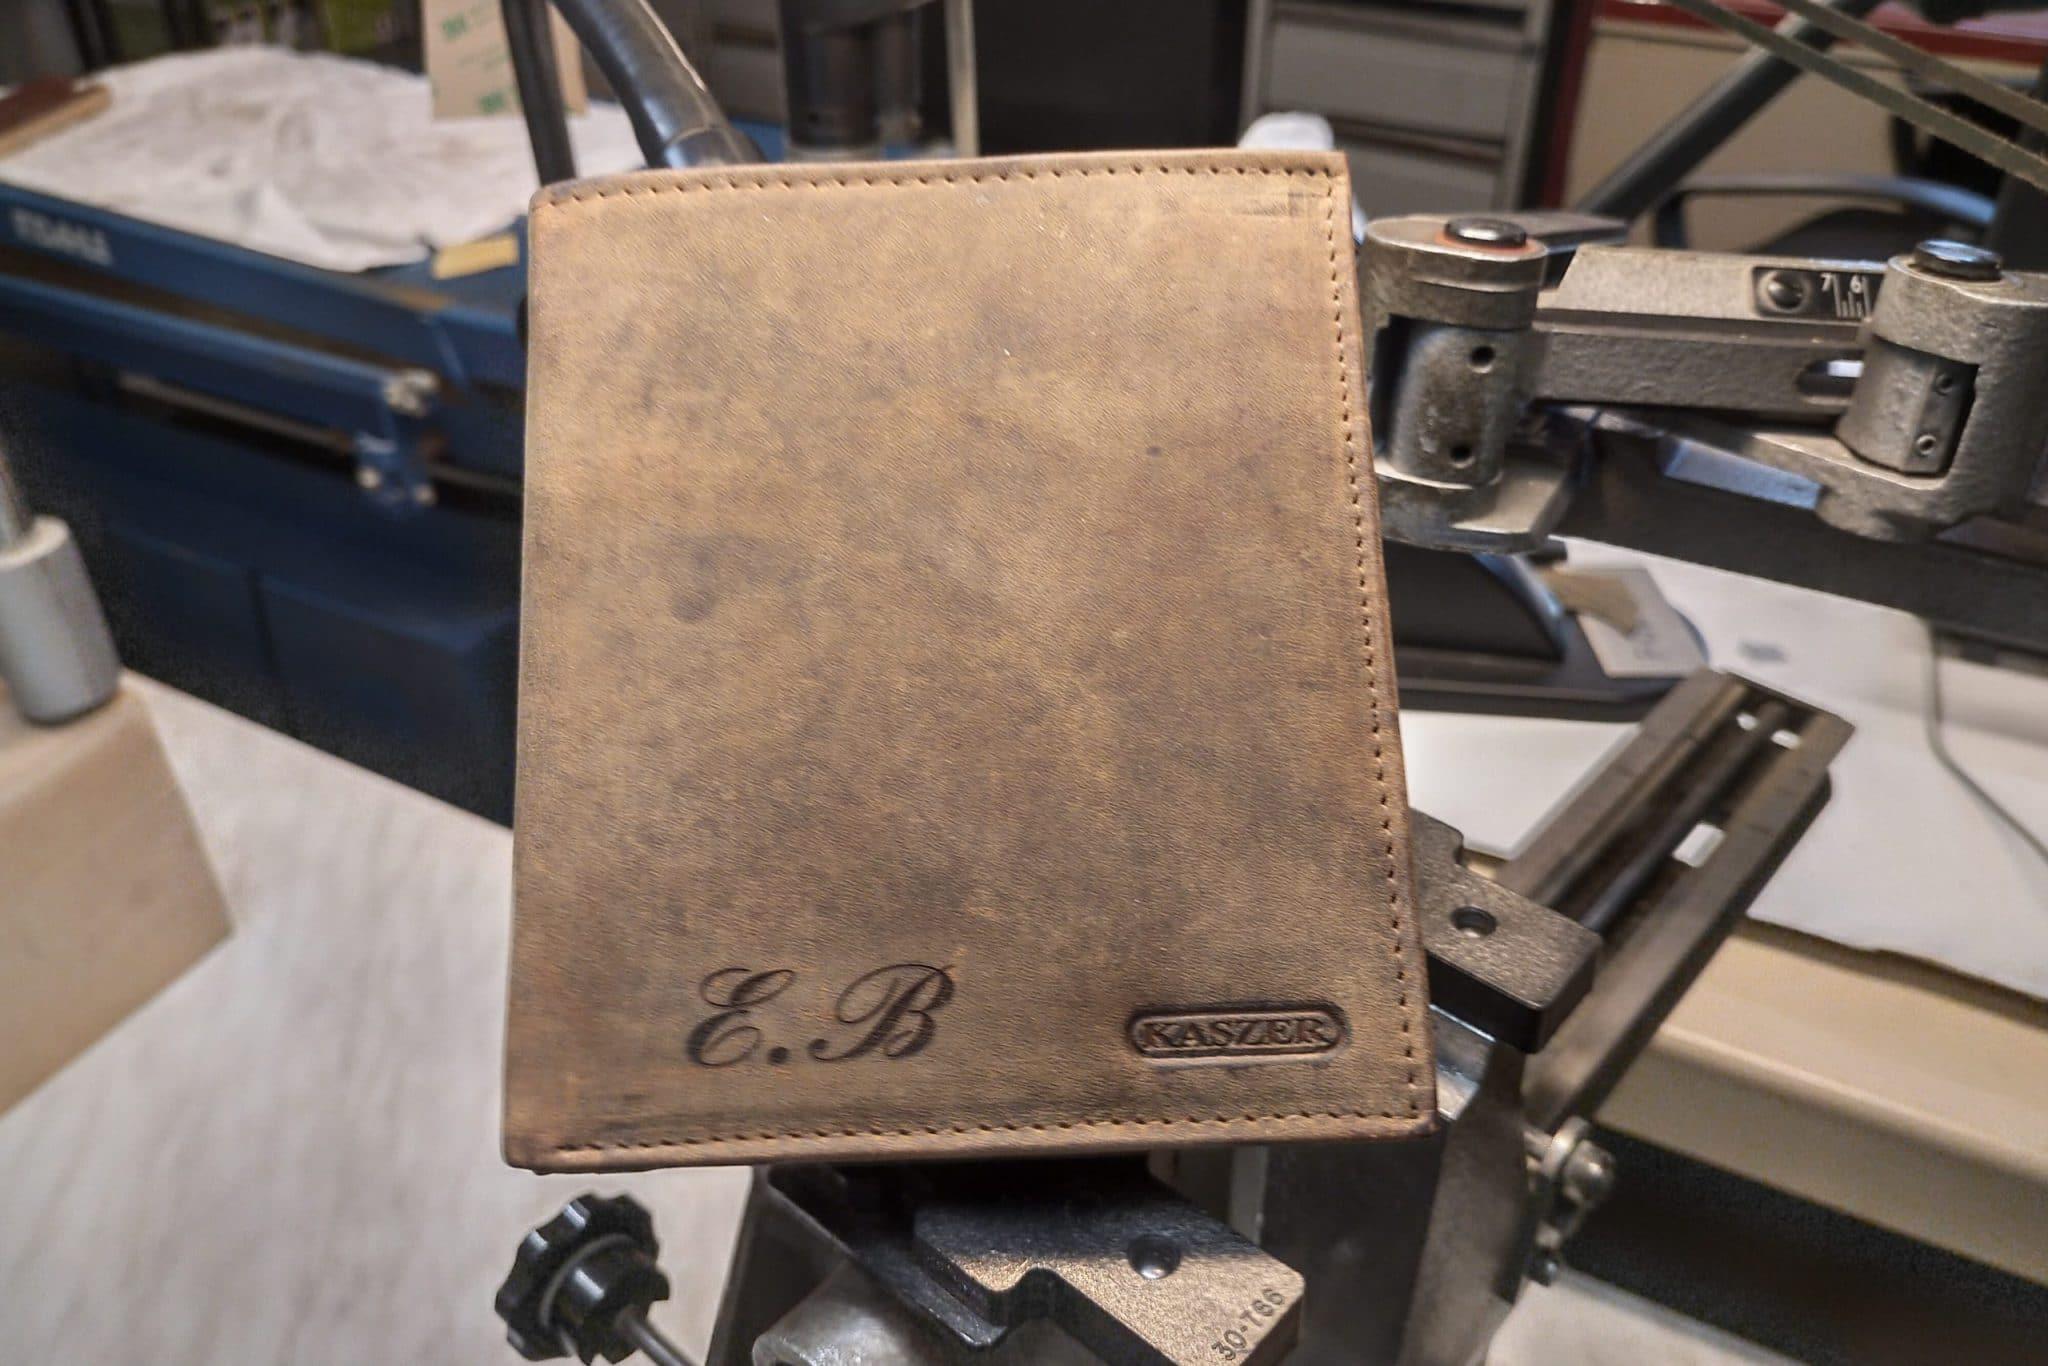 Gravure sur un porte-monnaie en cuir marron avec des initiales